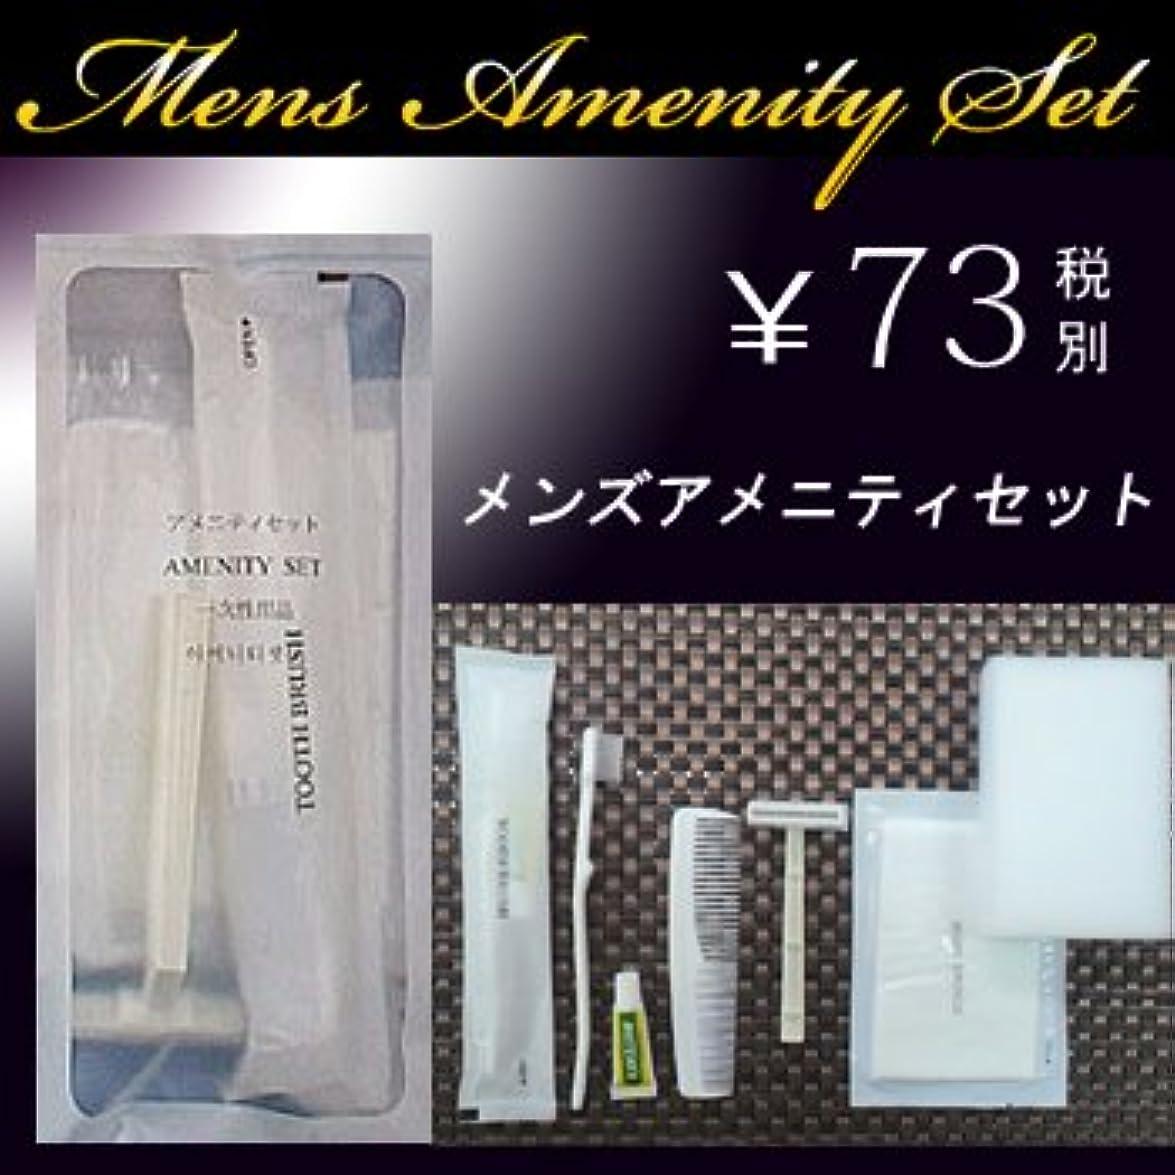 監査ページェント迷彩メンズアメニティフルセット袋入(1セット300個入)